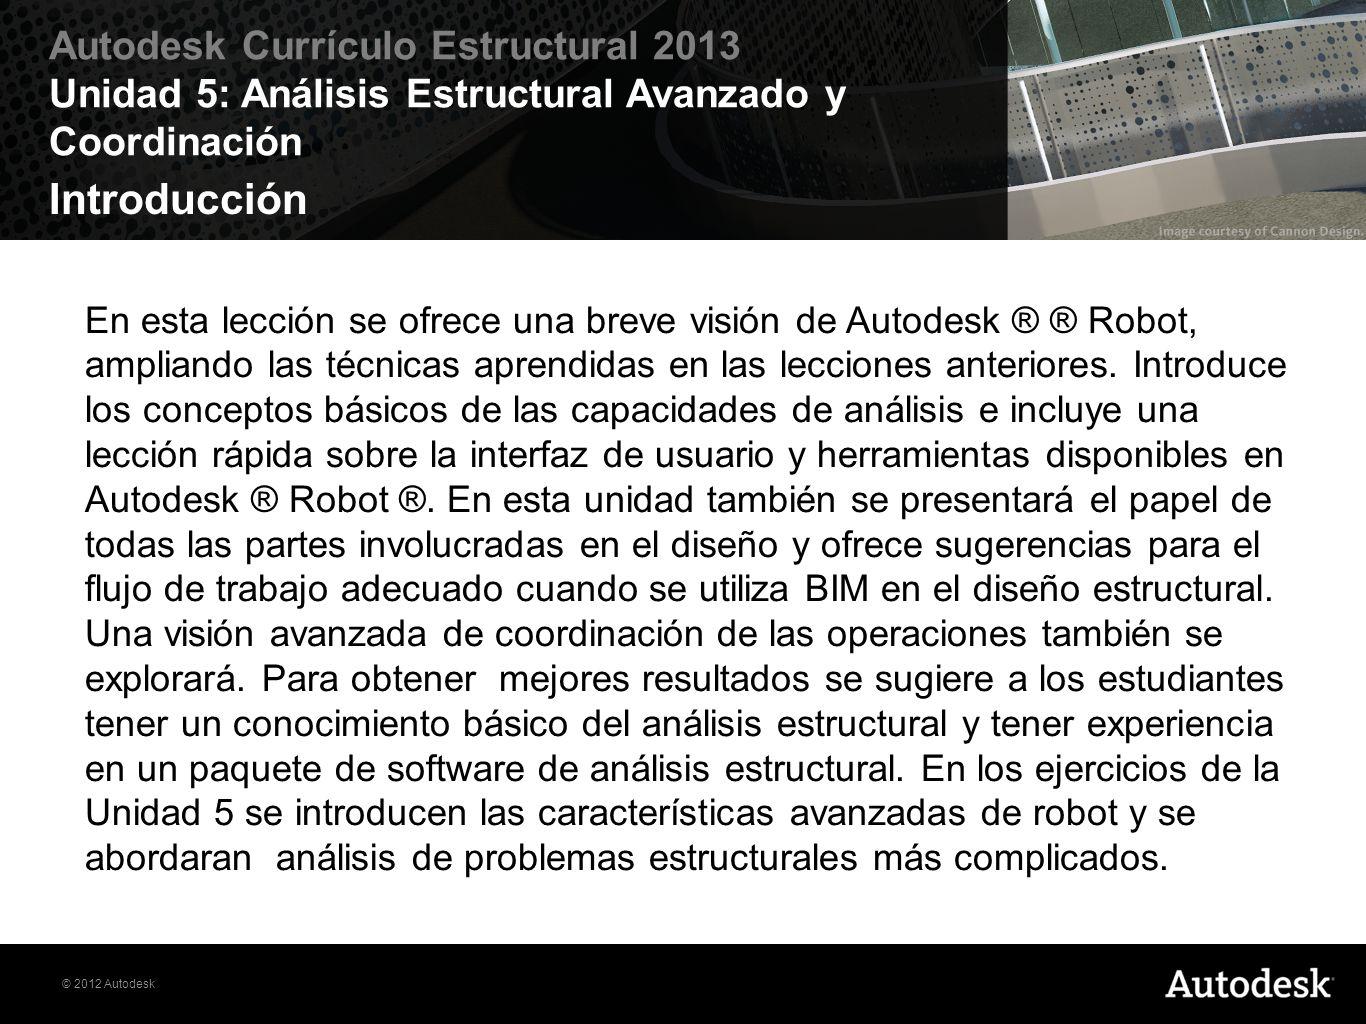 © 2012 Autodesk Autodesk Currículo Estructural 2013 Unidad 5: Análisis Estructural Avanzado y Coordinación Objetivos Construir y analizar los diferentes modelos estructurales en Autodesk® Robot Structural Analysis Professional.